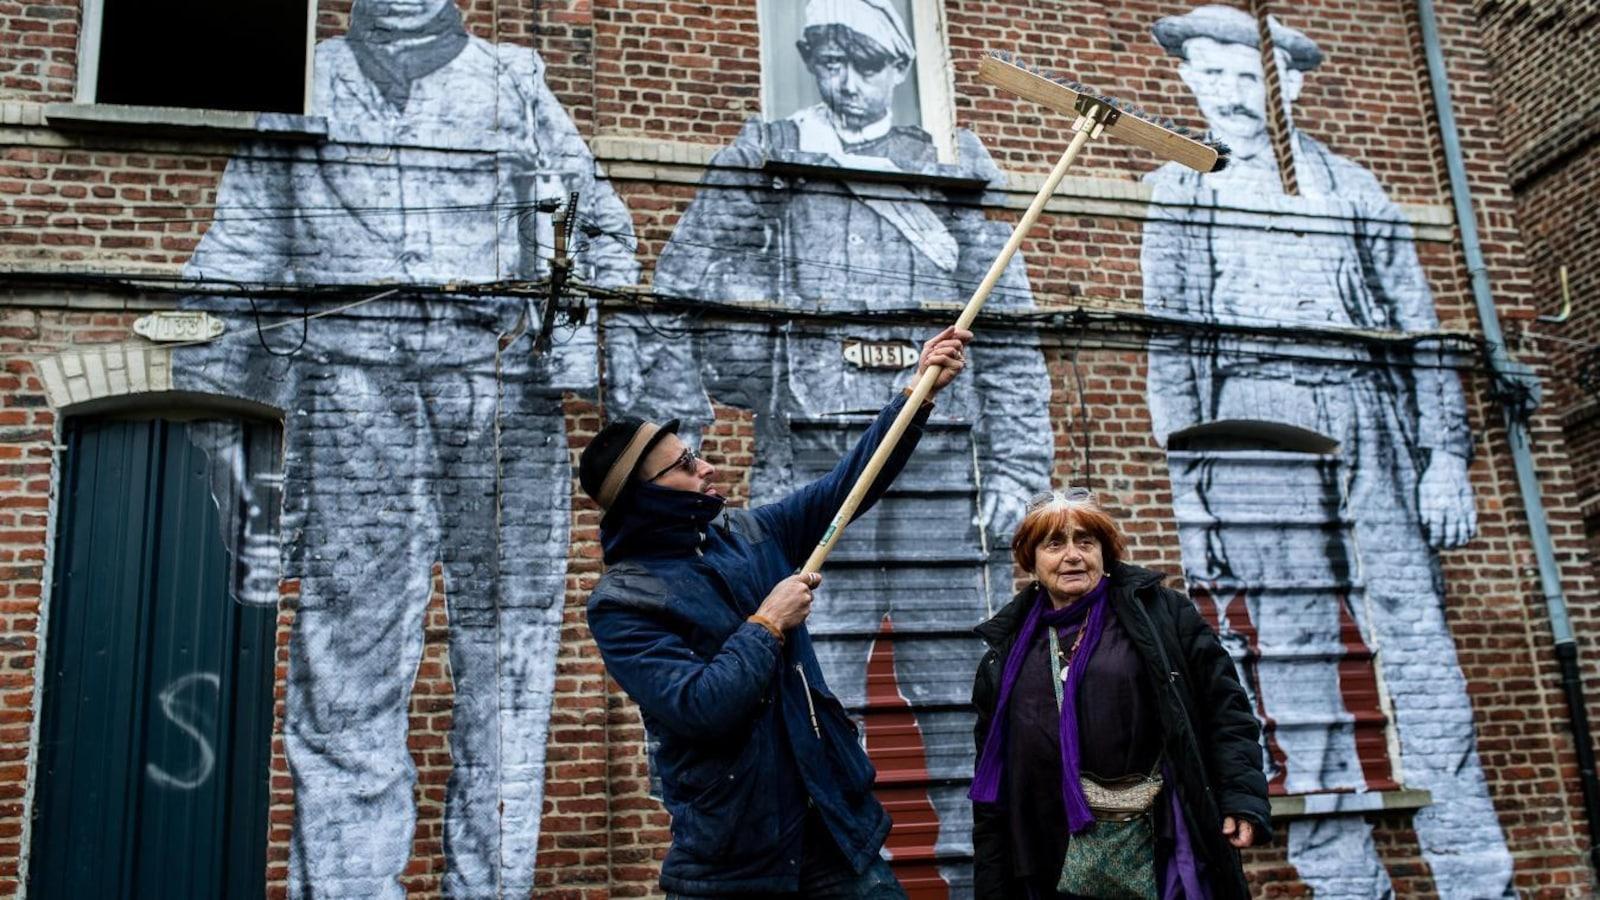 Un homme avec un grand balai colle des photos sur un mur en briques, une femme à ses côtés regarde.